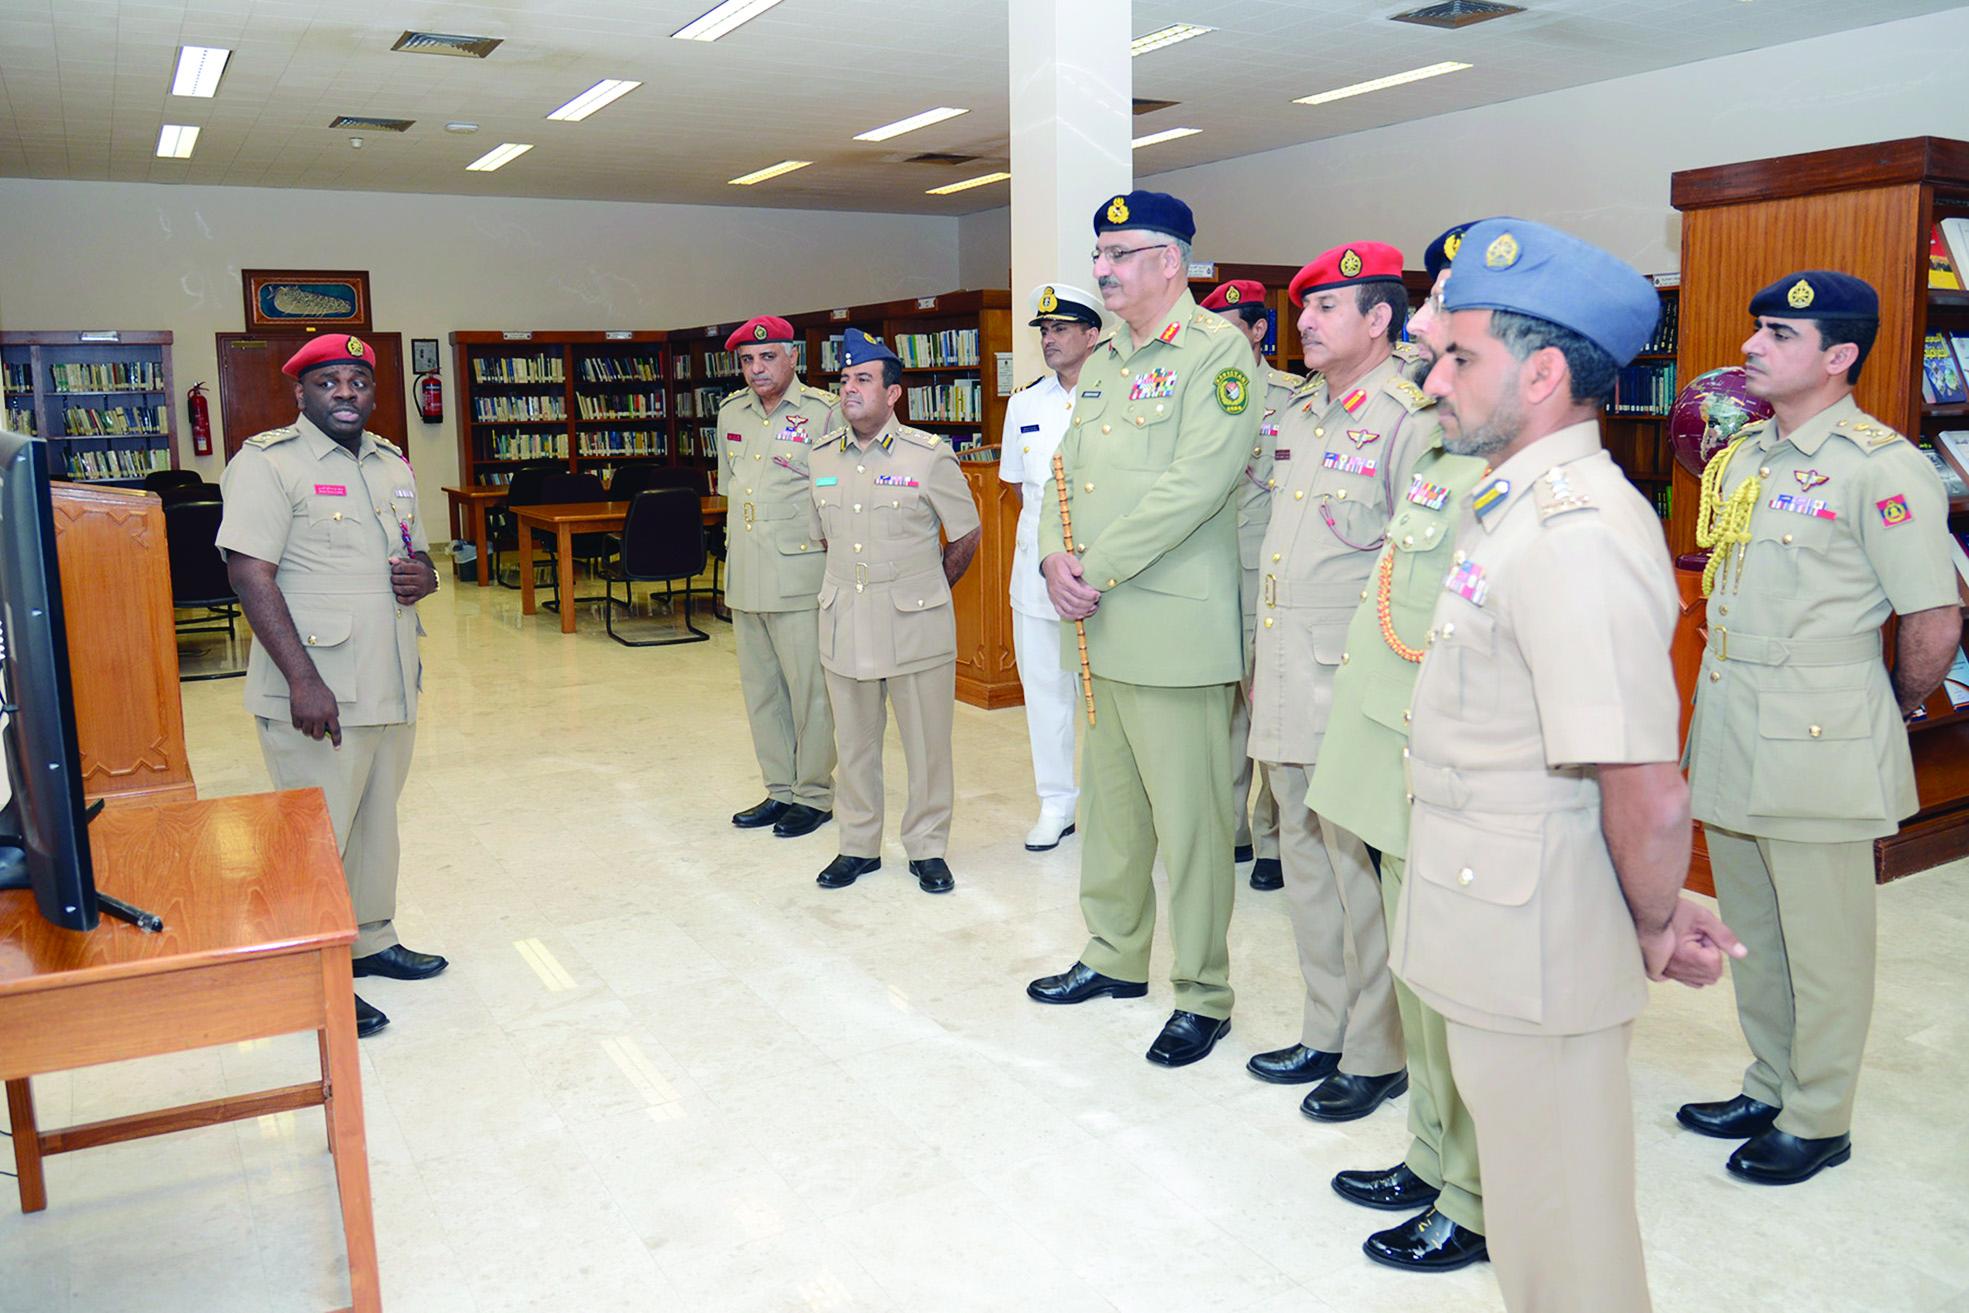 رئيس لجنة الأركان الباكستانية يزور كلية القيادة والأركان..اتفاقية تفاهم بين كلية الدفاع الوطني وجامعة الدفاع الباكستانية